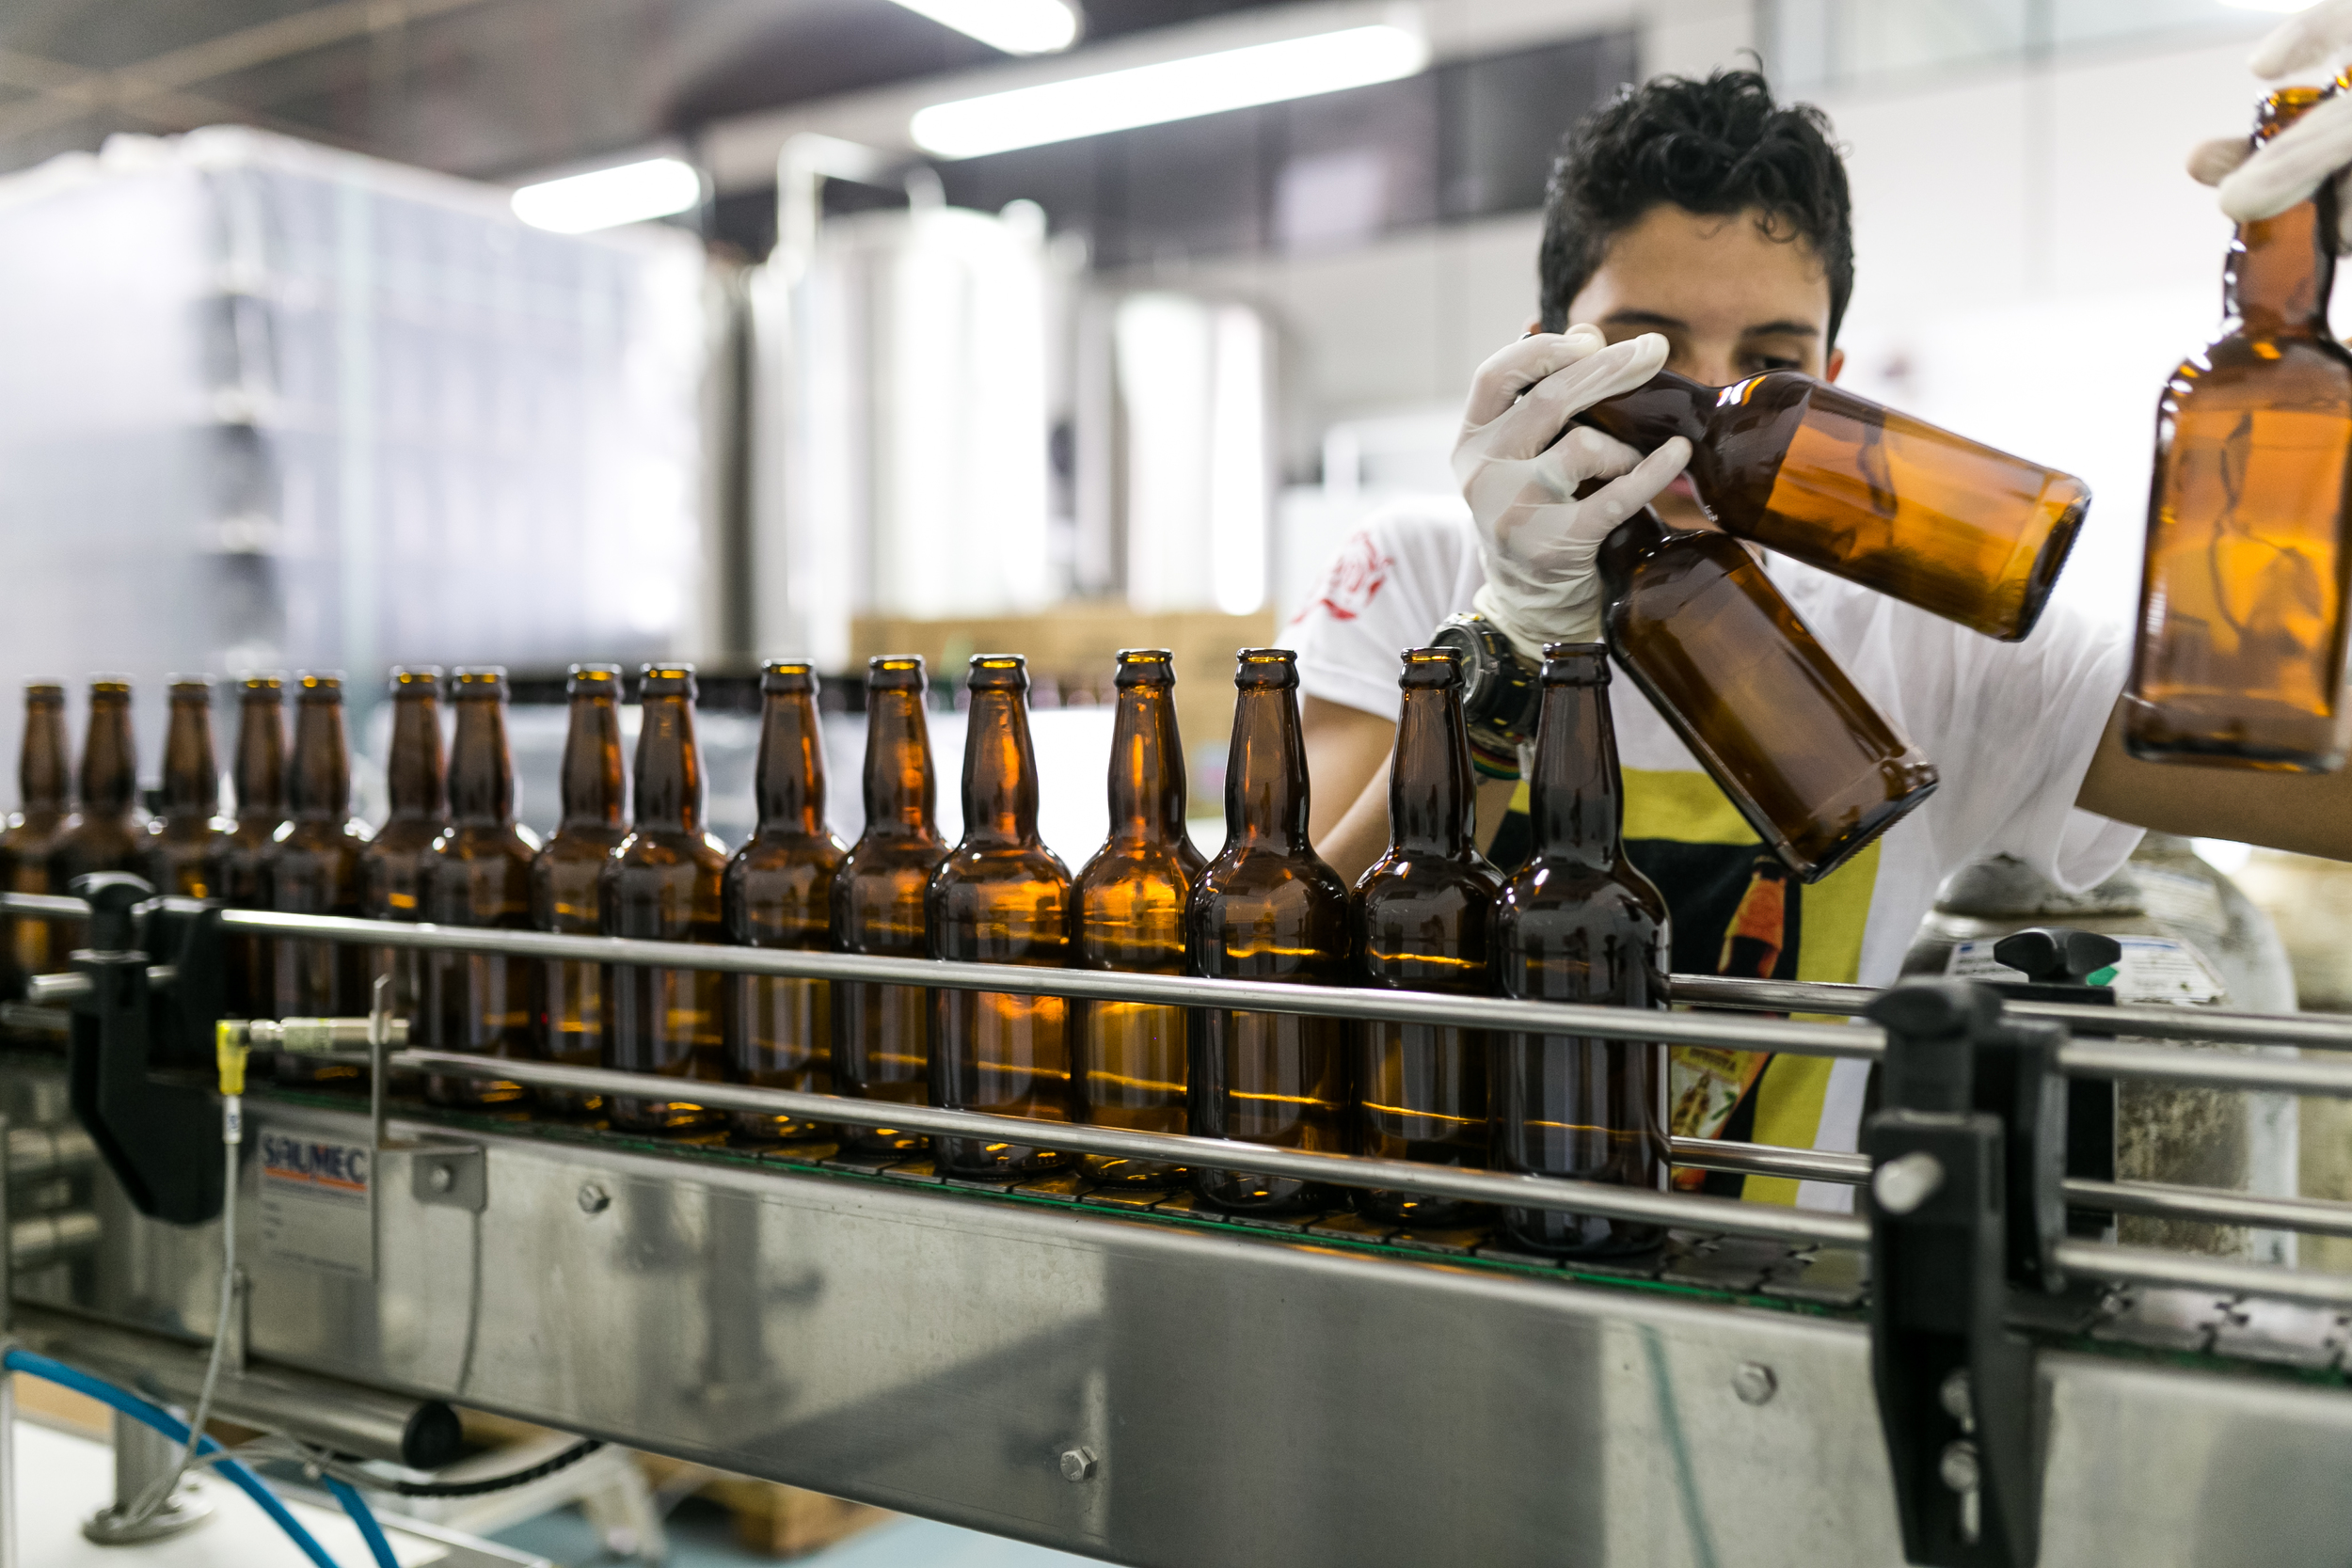 FullPint-CervejaEComida-180914-11.jpg